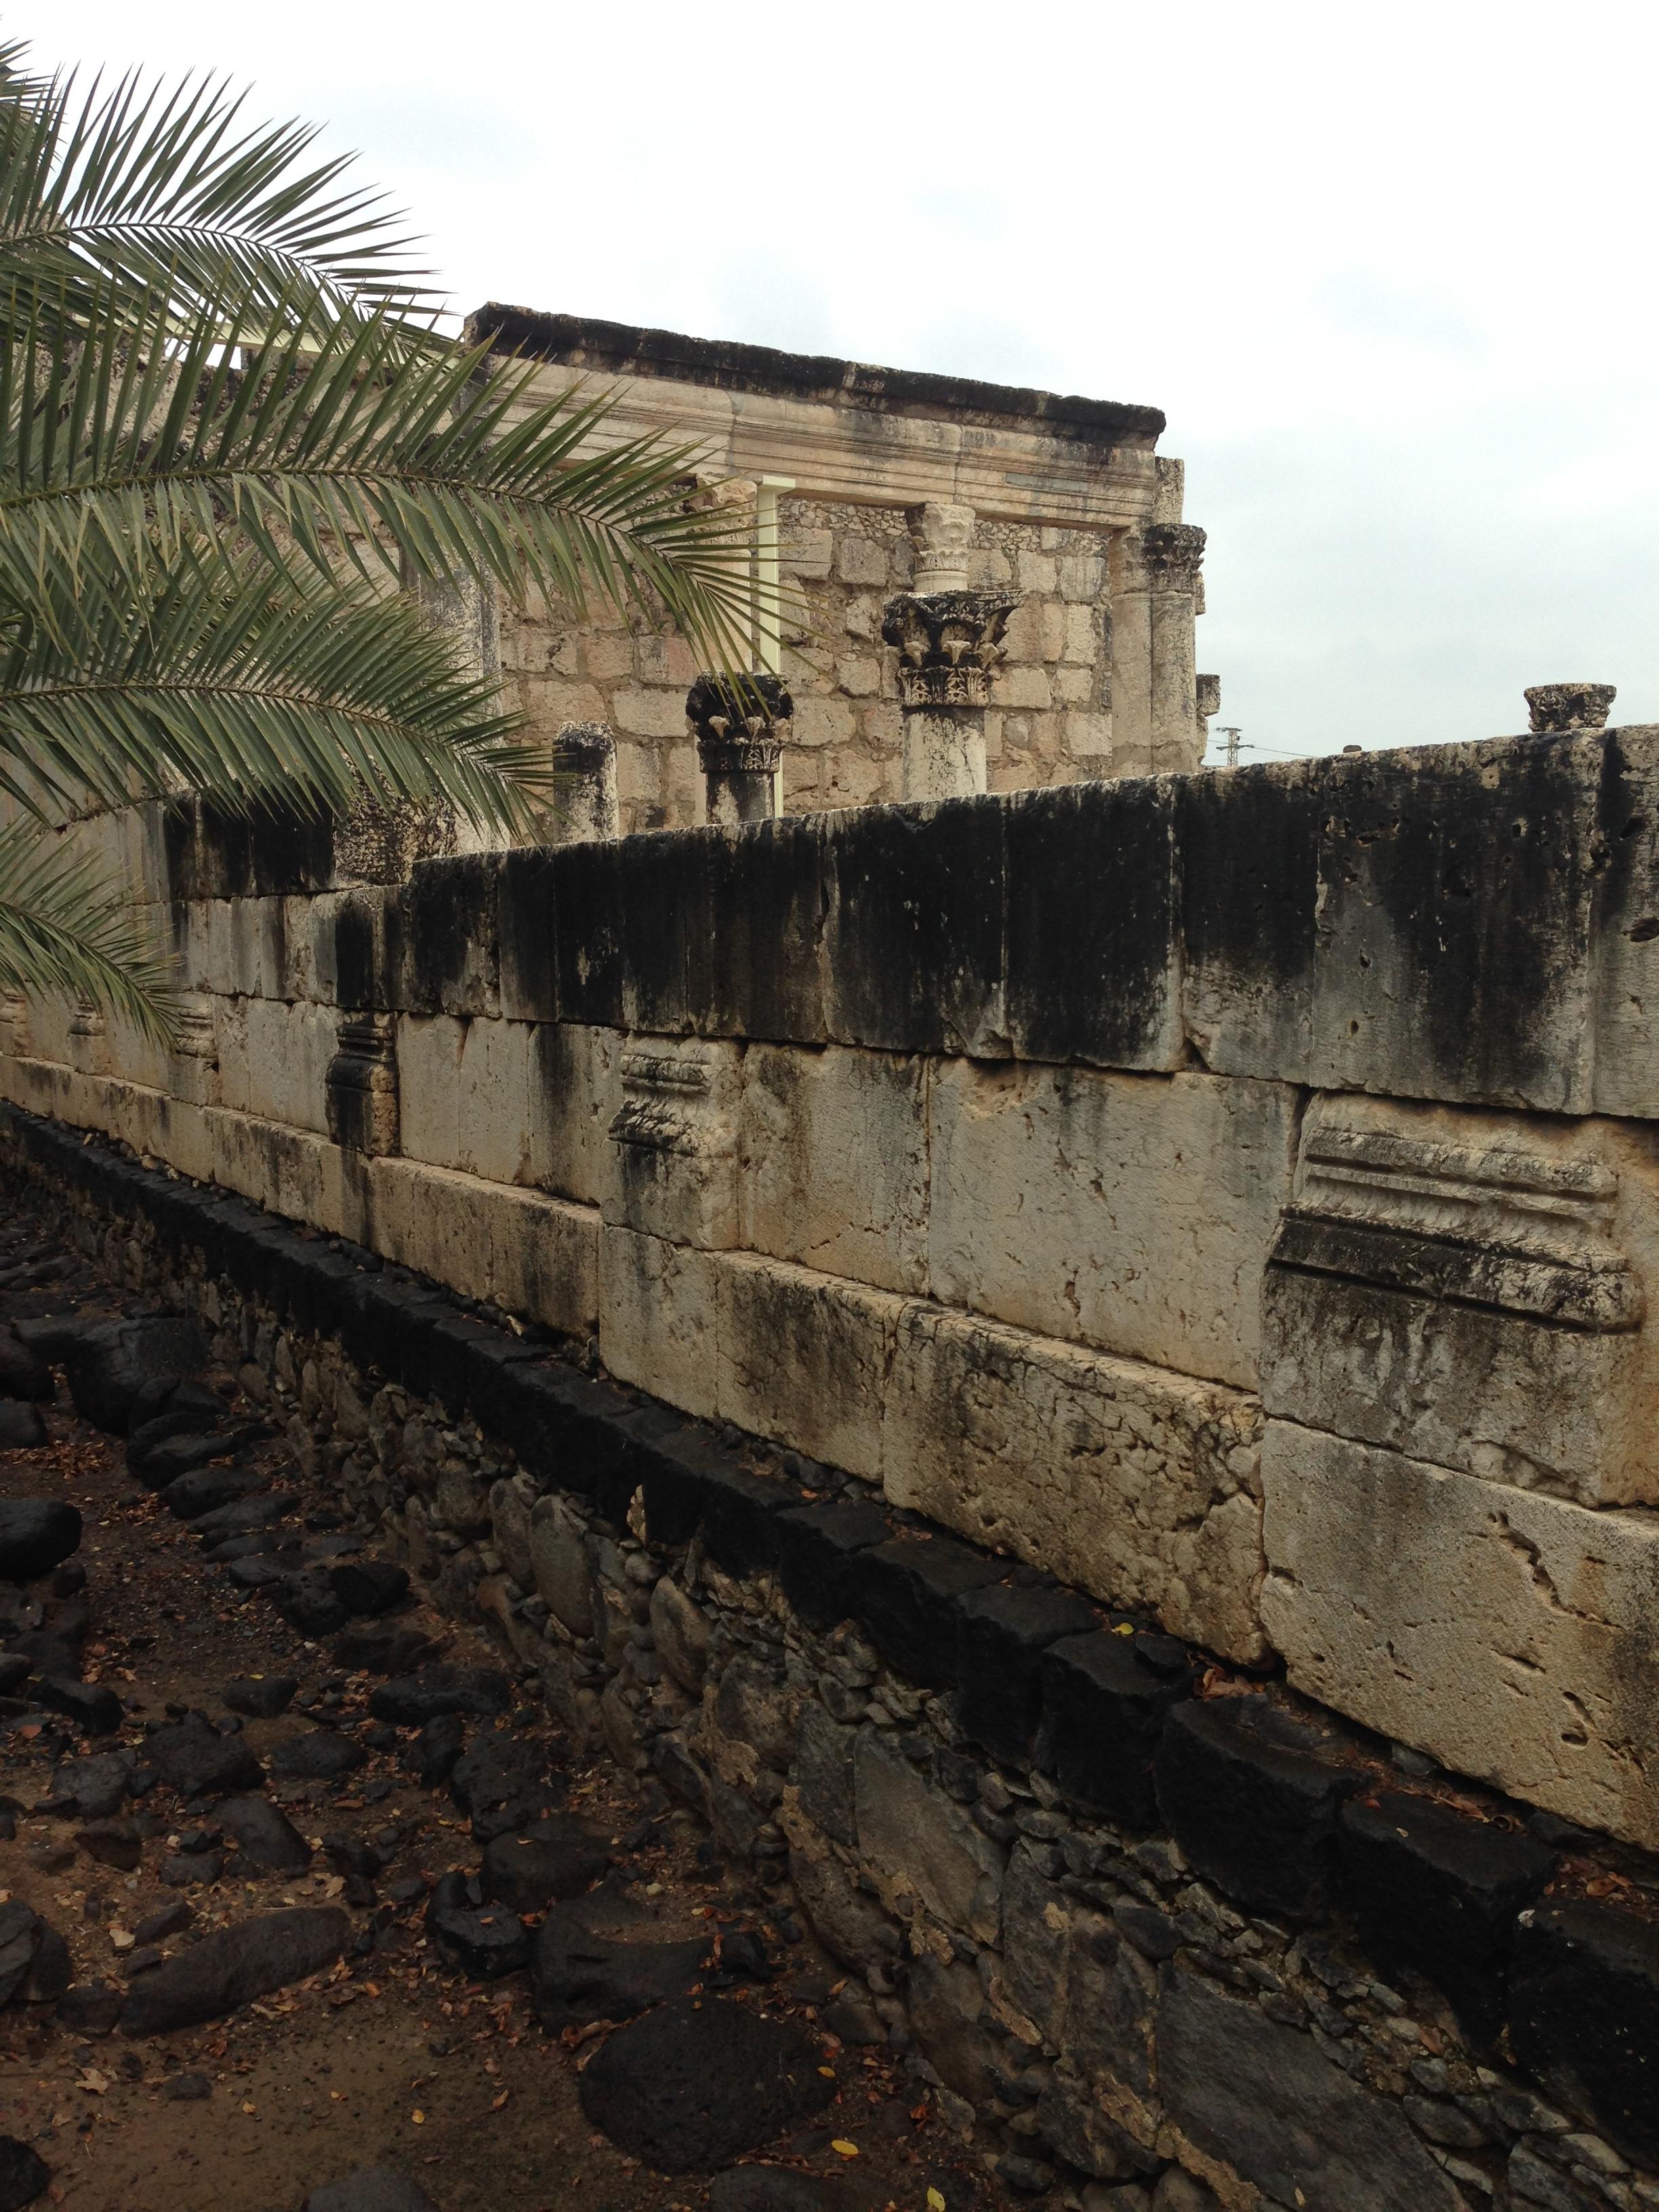 Unter der Kalksteinmauer der späteren Synagoge ist das Basaltfundament des Vorgängerbaus deutlich zu erkennen (Foto: Michael Hölscher)